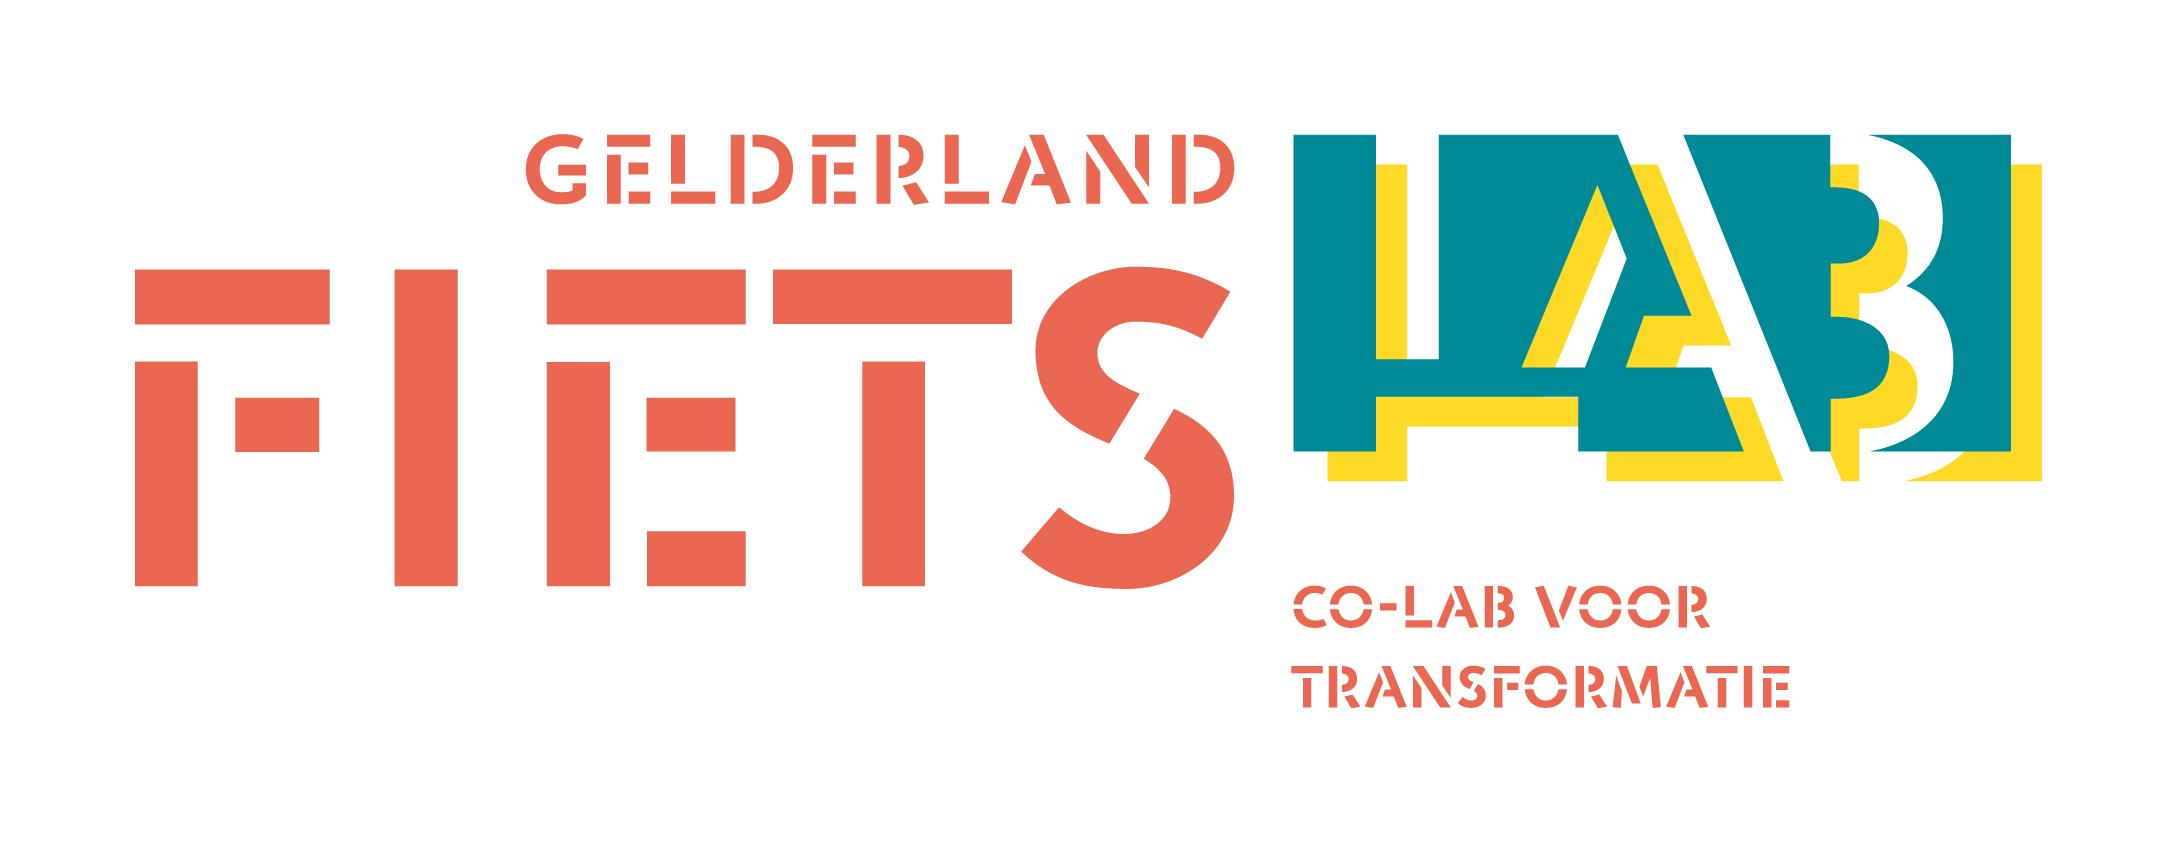 FIETSLAB-GD-Tagline_Logo_RGB.png